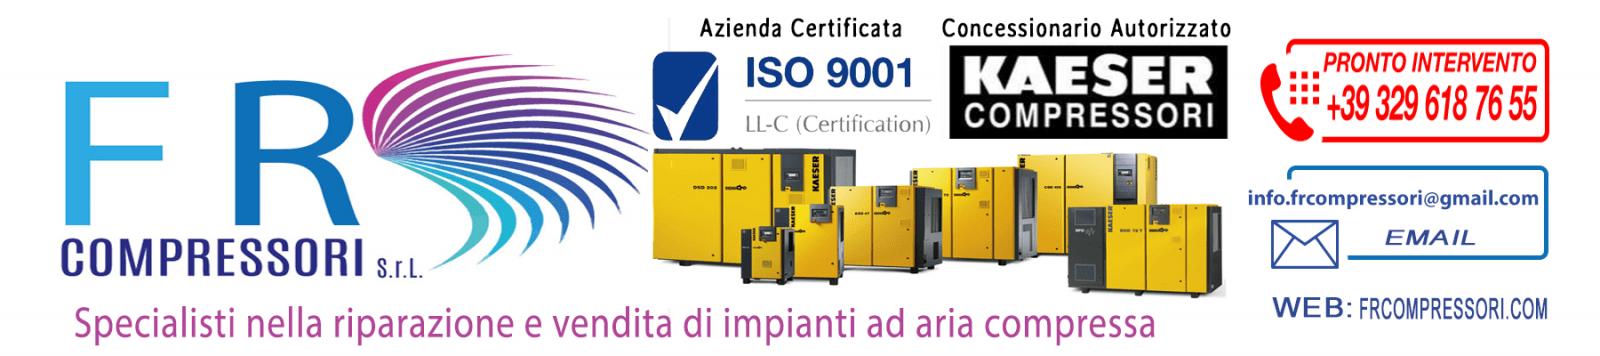 Vendita ed assistenza compressori industriali nuovi e usati